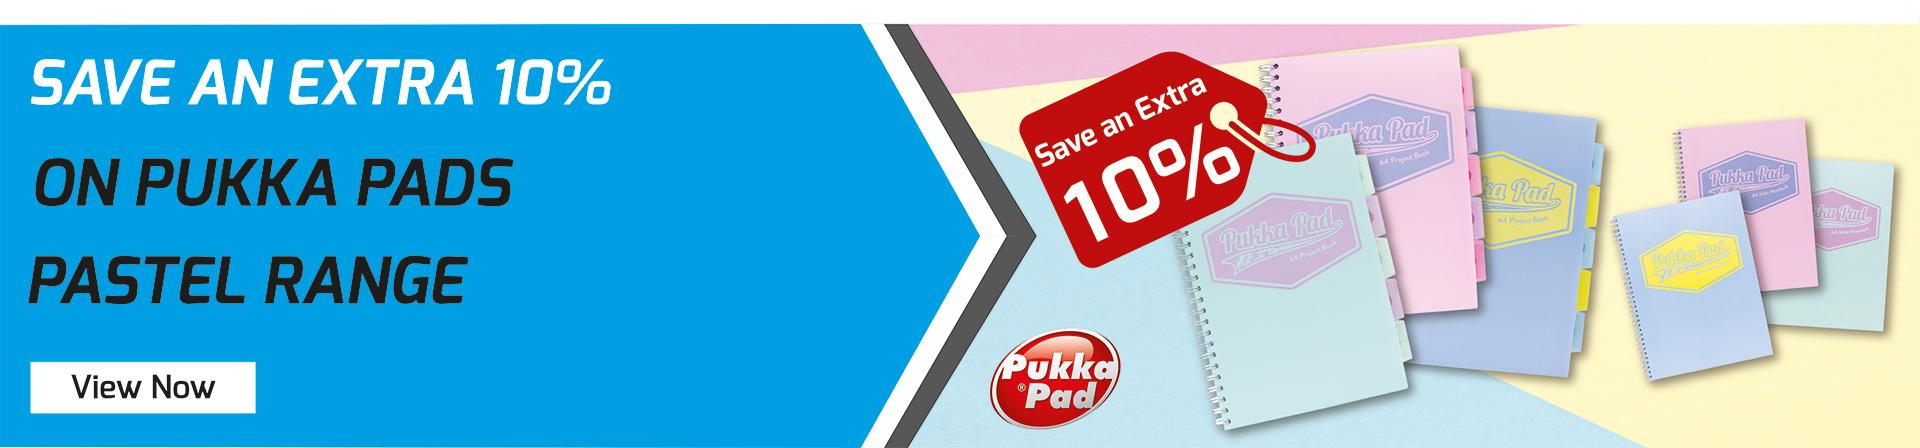 Pukka Pastel Range Extra 10%